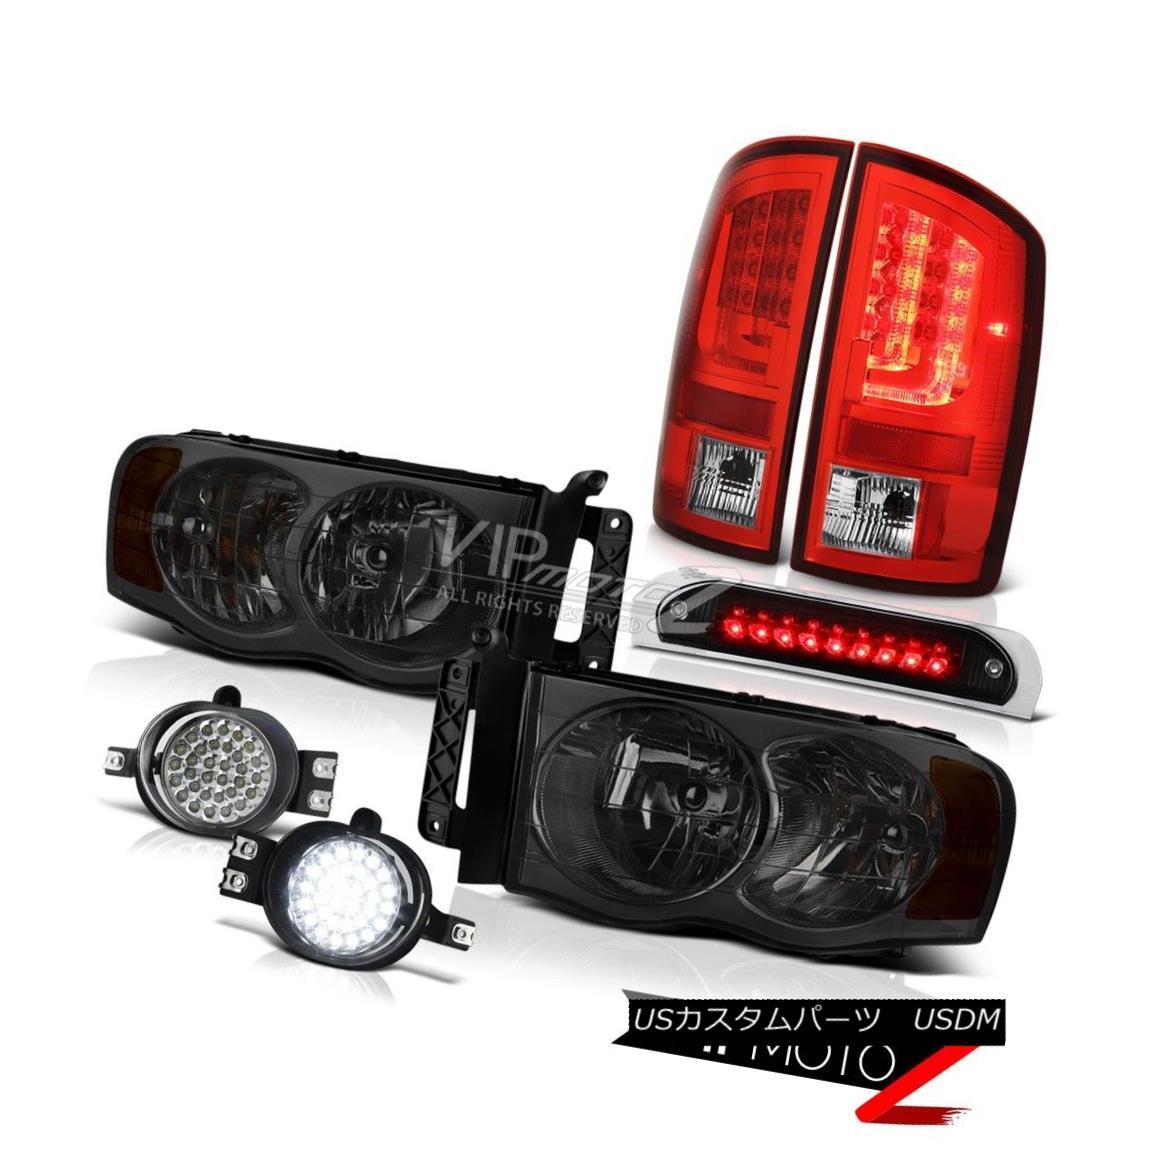 テールライト 02-05 Ram 1500 2500 3500 5.9L Taillamps Roof Cab Light Headlamps Fog Lamps LED 02-05 Ram 1500 2500 3500 5.9LタイルランプルーフキャブライトヘッドランプフォグランプLED